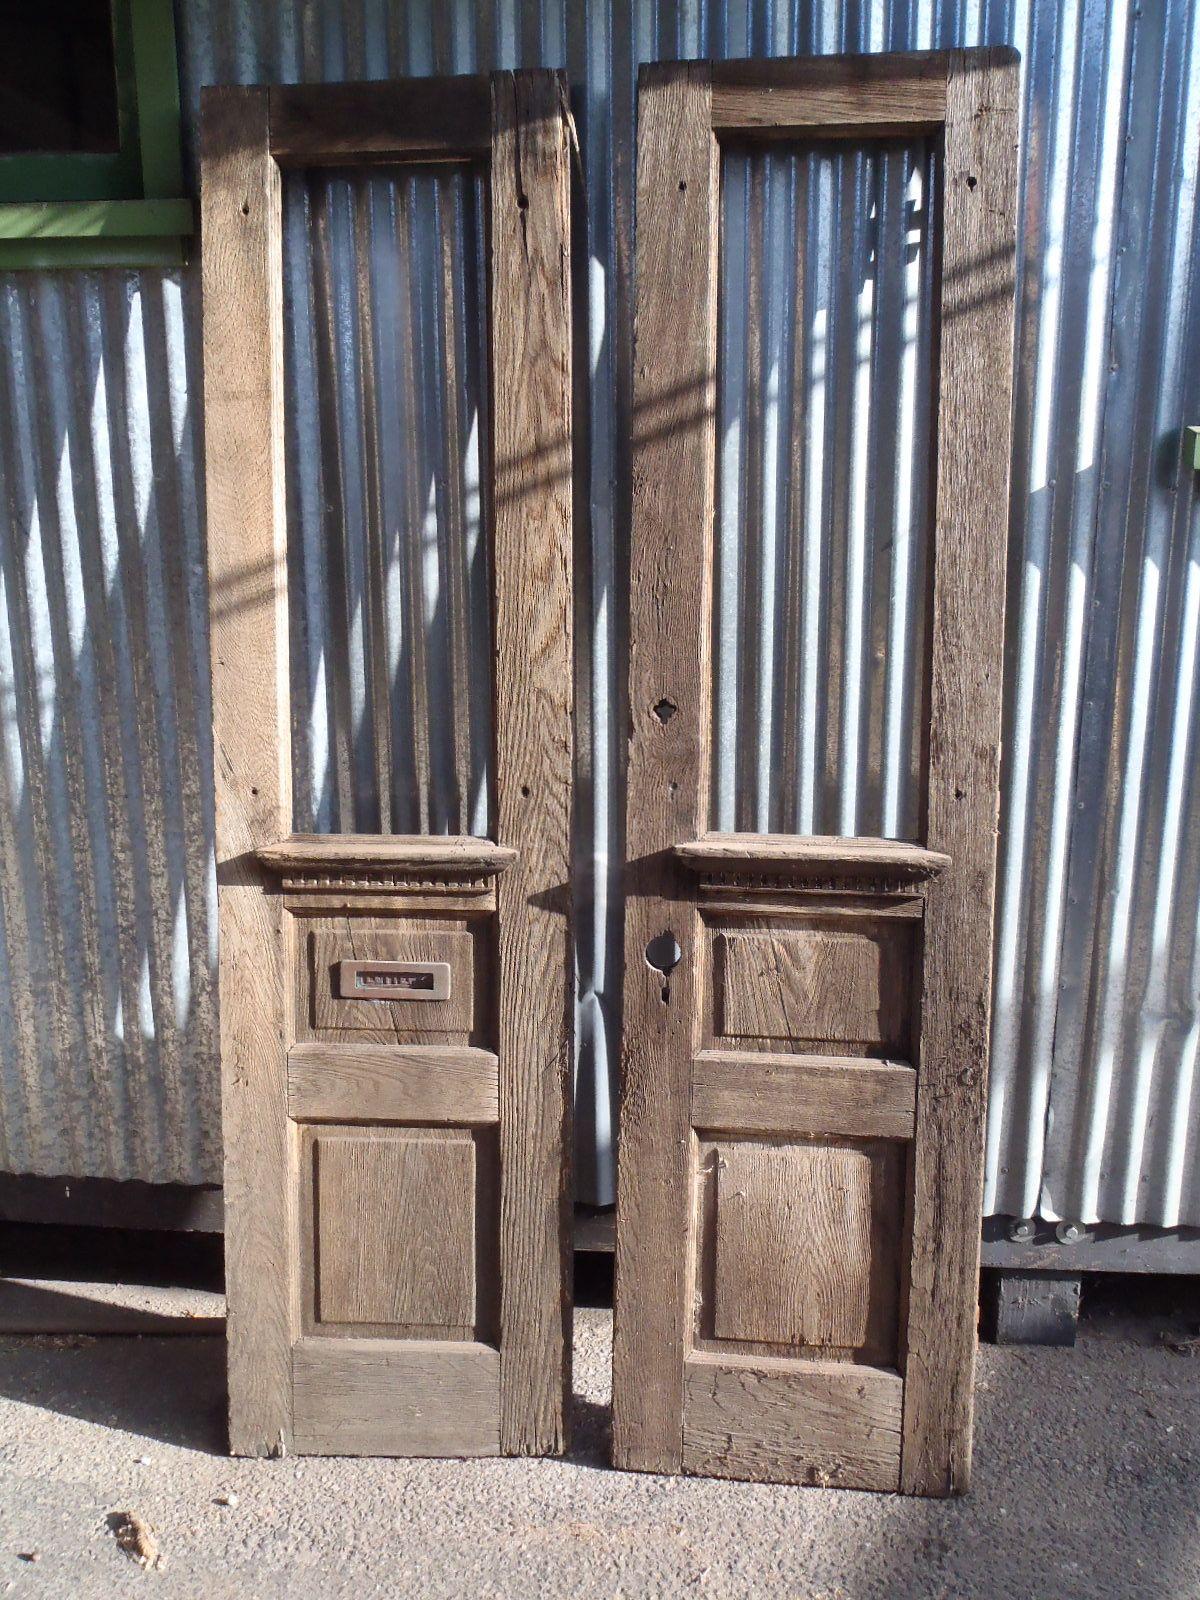 antique front doors - Google Search Antique Doors For Sale, Front Doors,  House Plans - Antique Front Doors - Google Search Doors Vintage In 2018